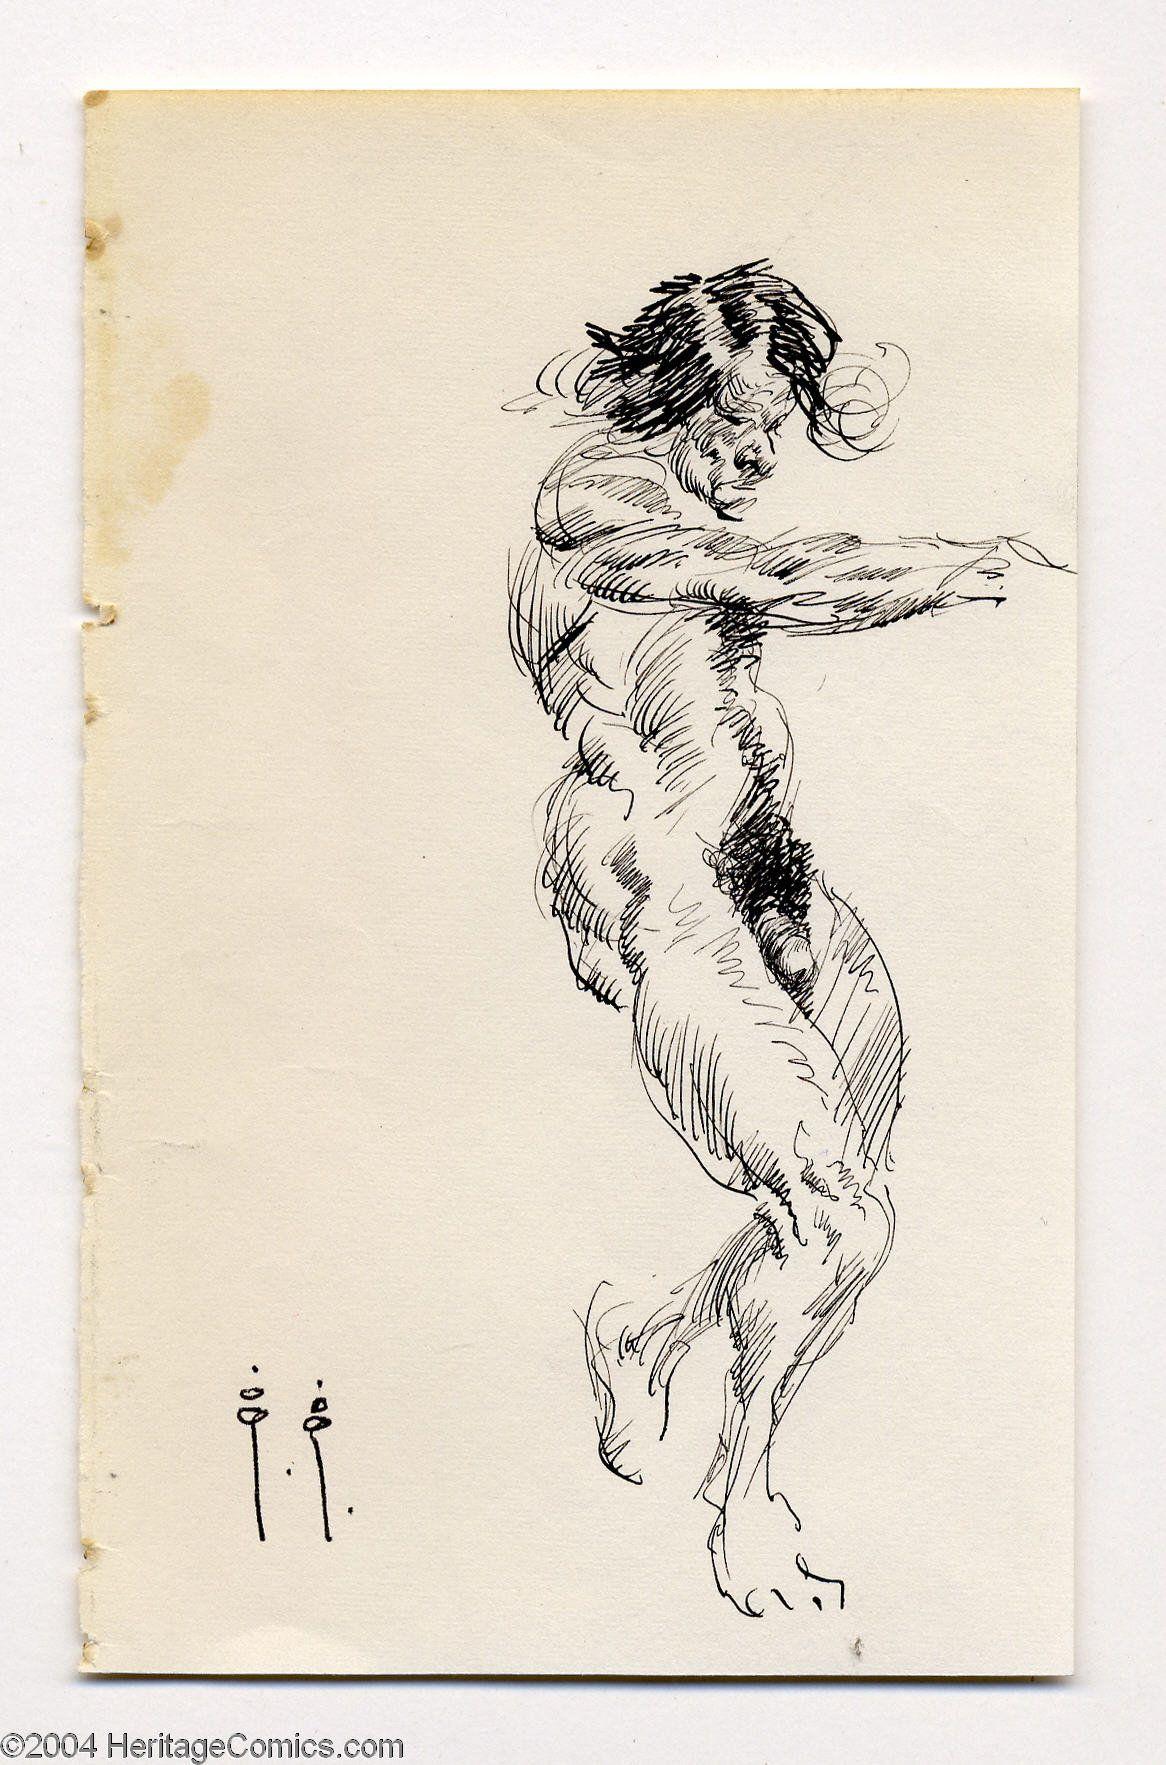 Frank Frazetta - Male Nude Figure Sketch Original Art | Lot #18011 ...